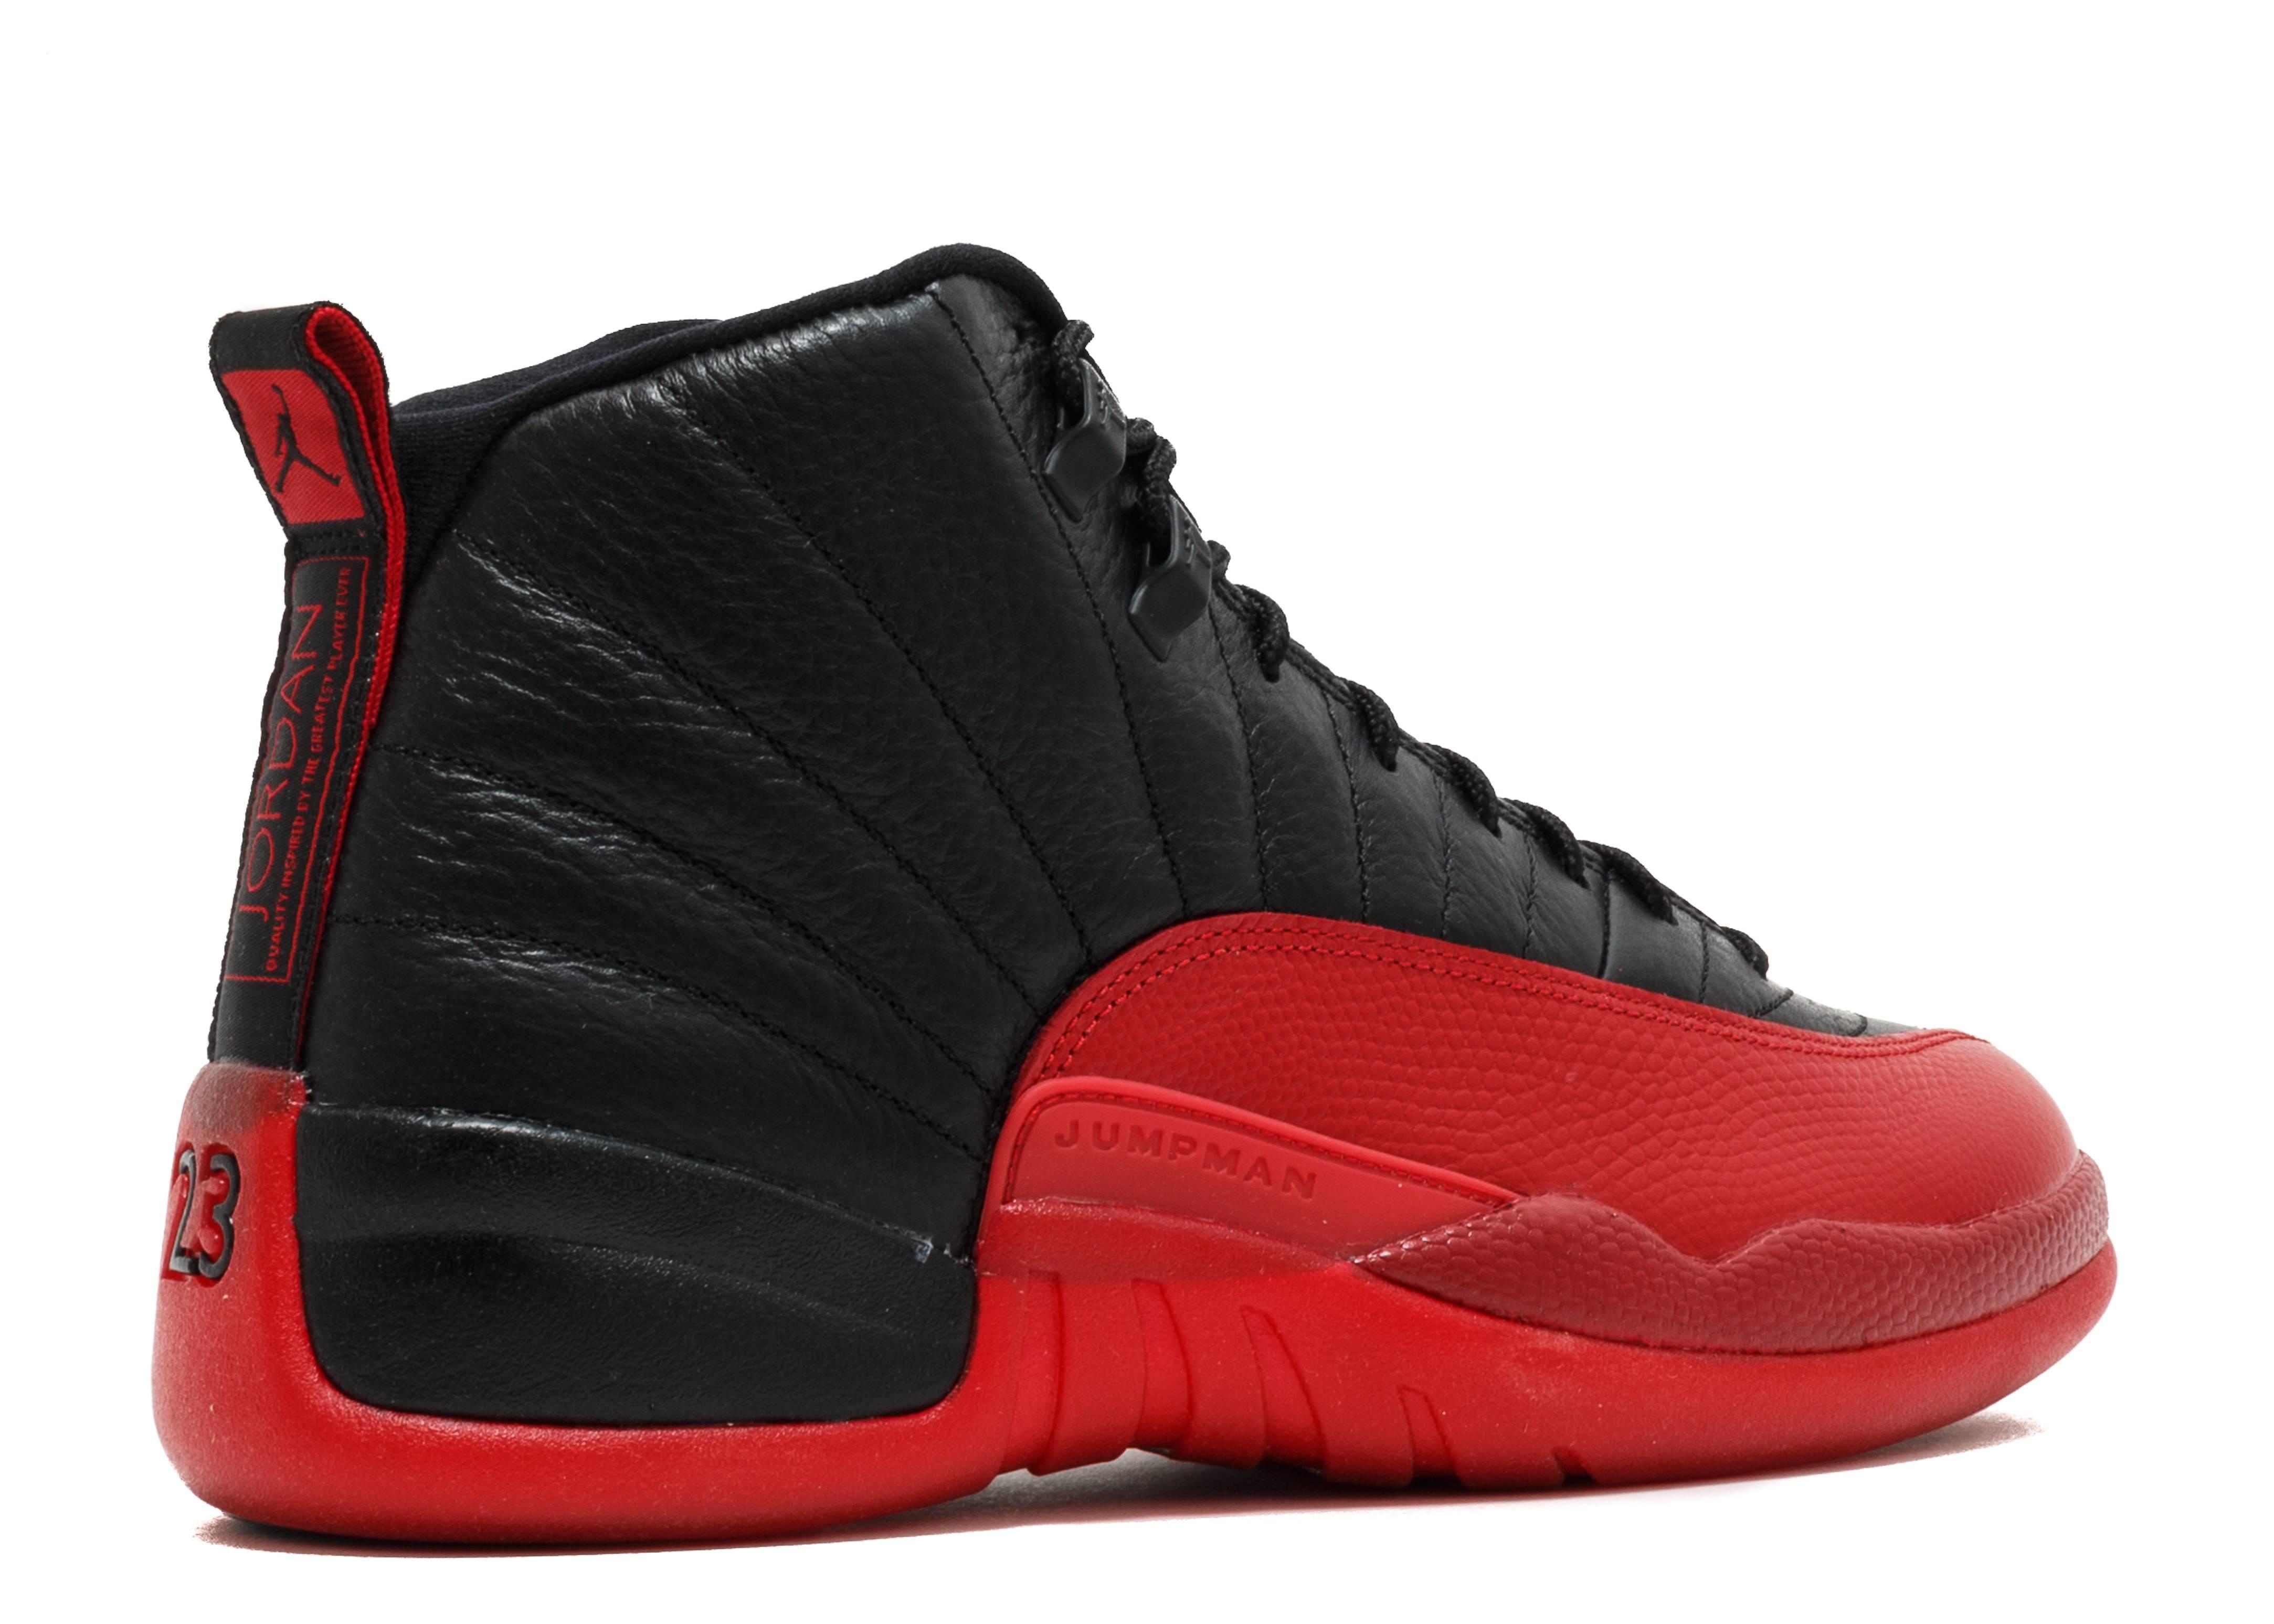 Nike Air Jordan 12 Retro Flu Game